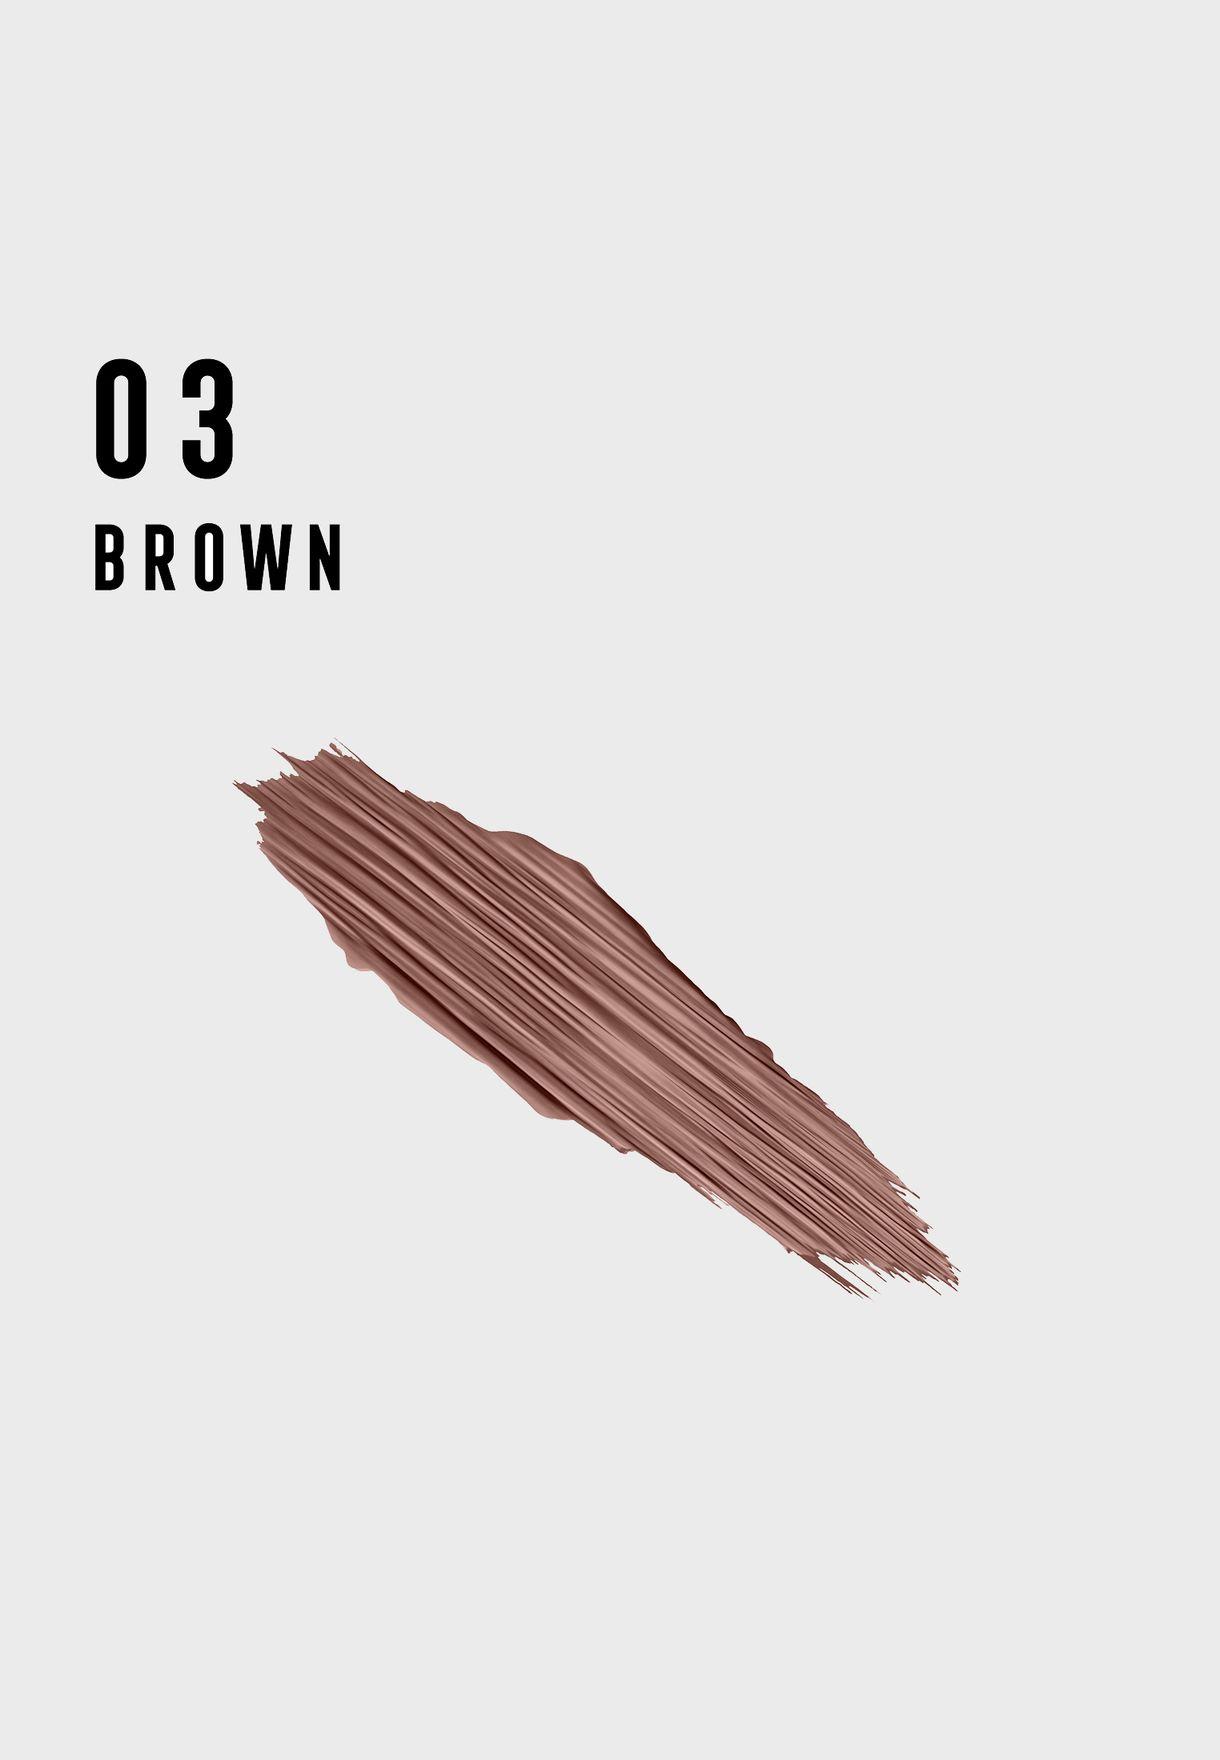 ماسكارا ريفيفيال للحواجب براون 03